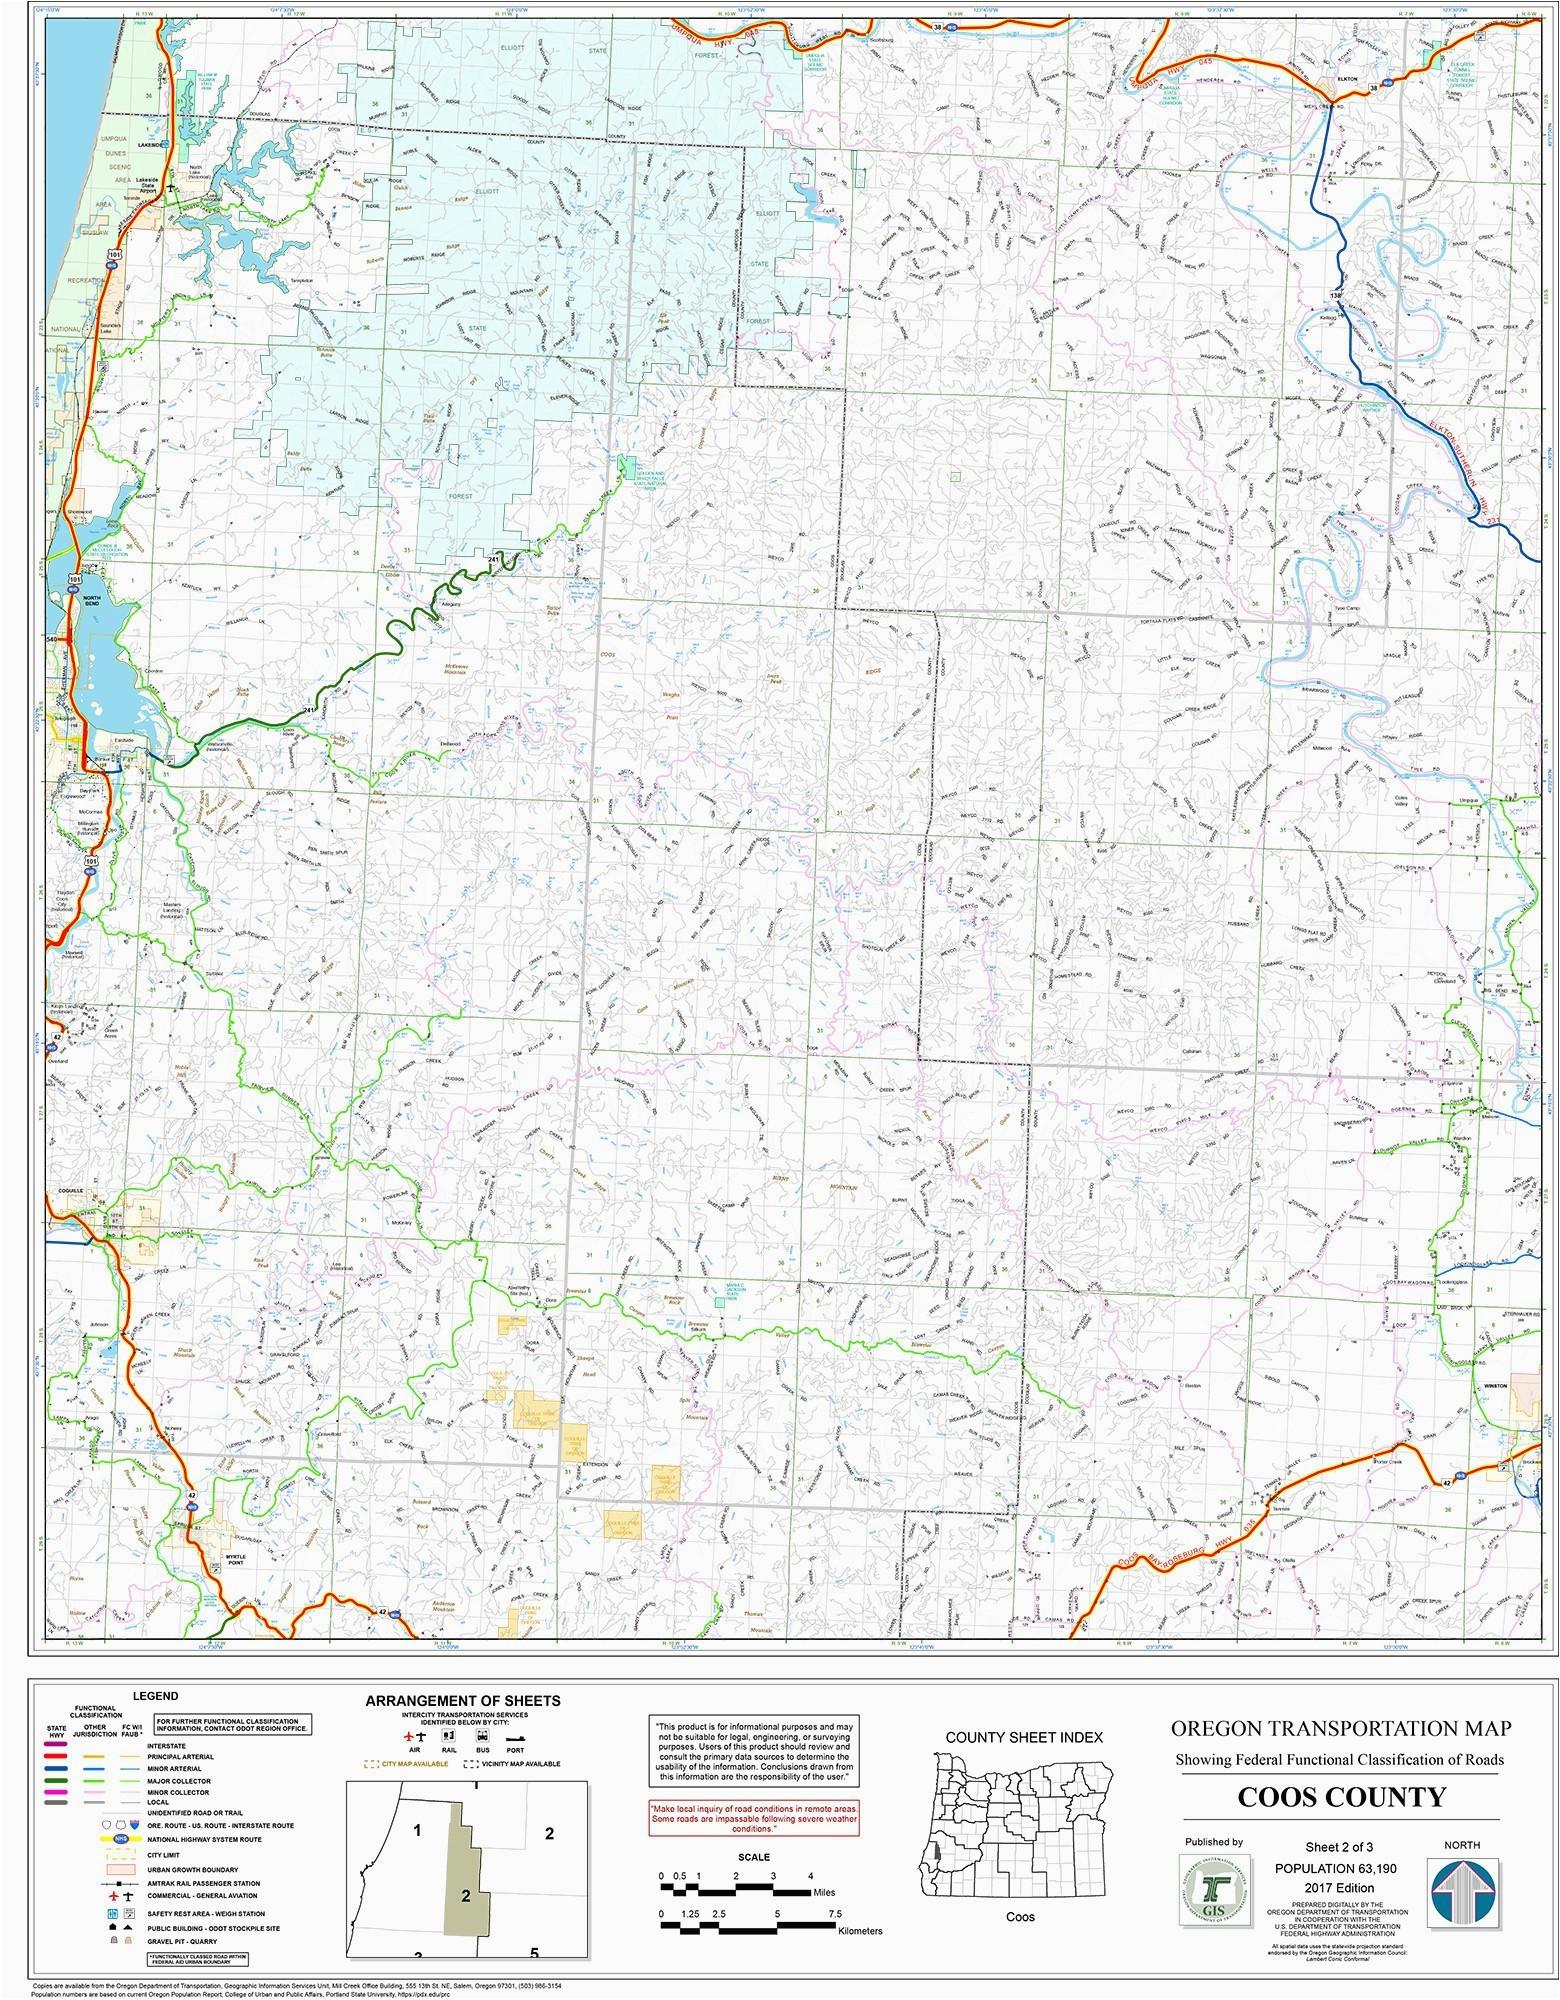 Oregon 600 Maps Portland oregon On the Us Map oregon or ...